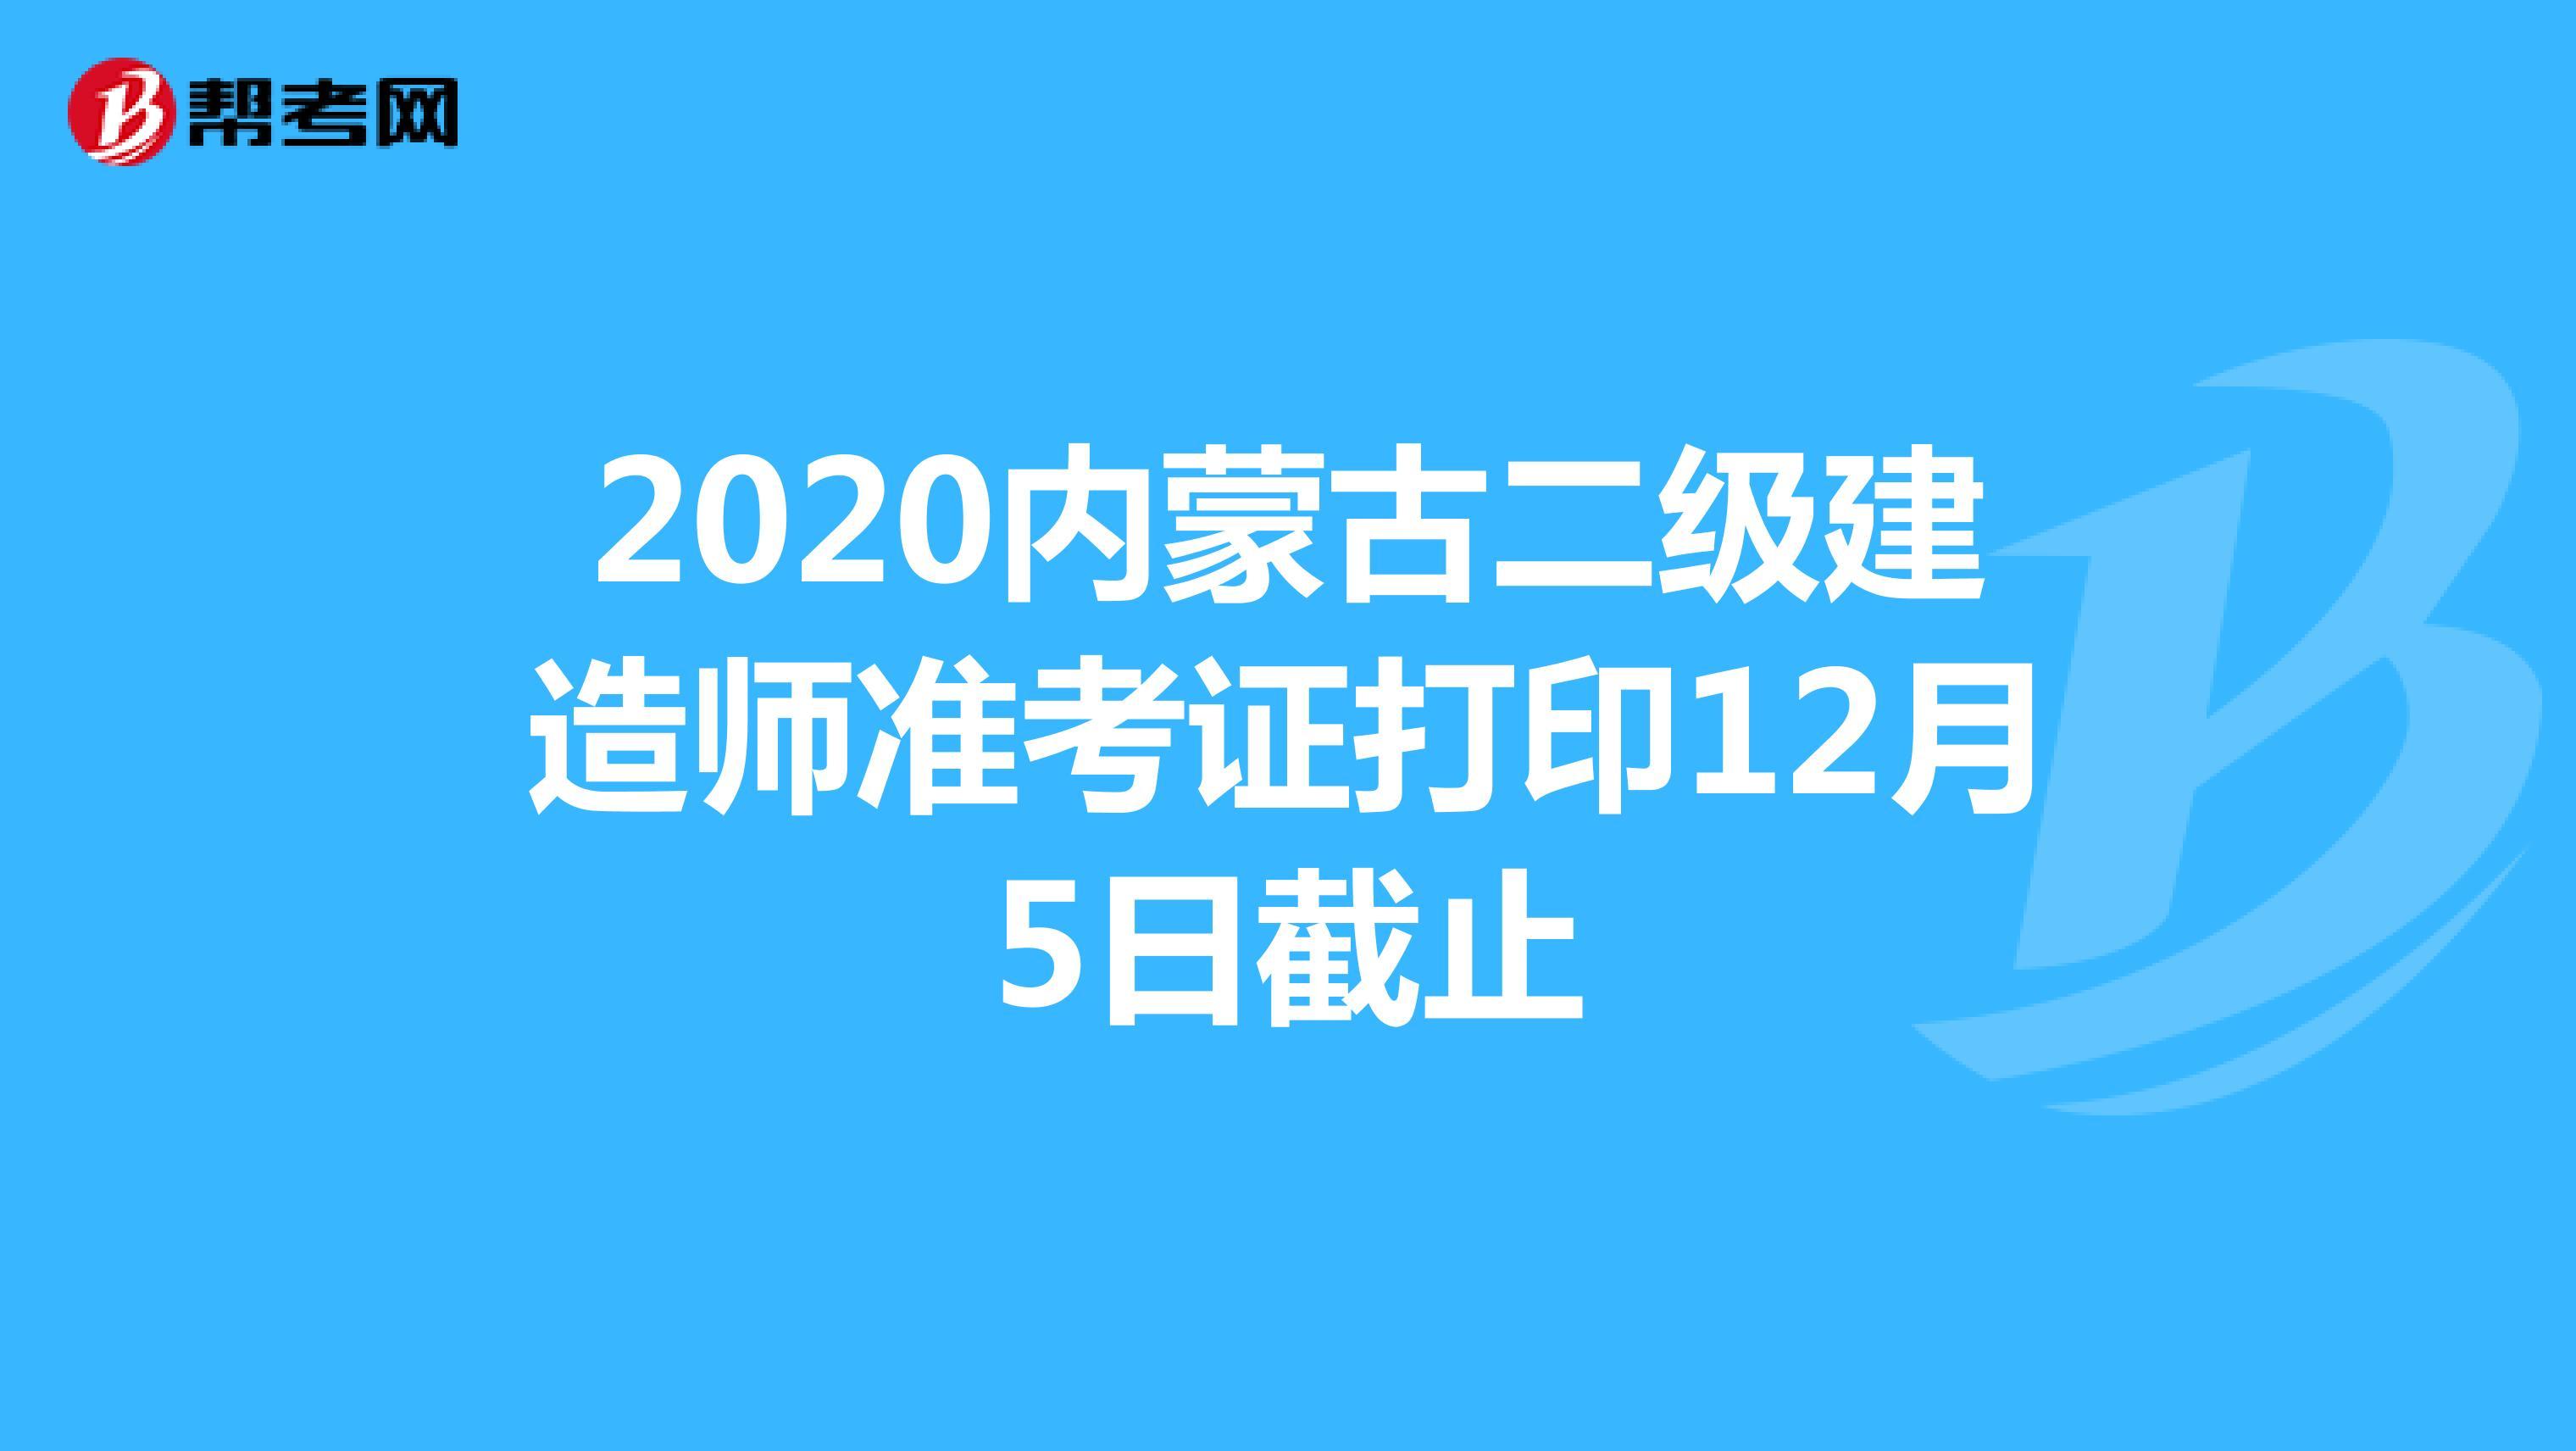 2020内蒙古二级建造师准考证打印12月5日截止